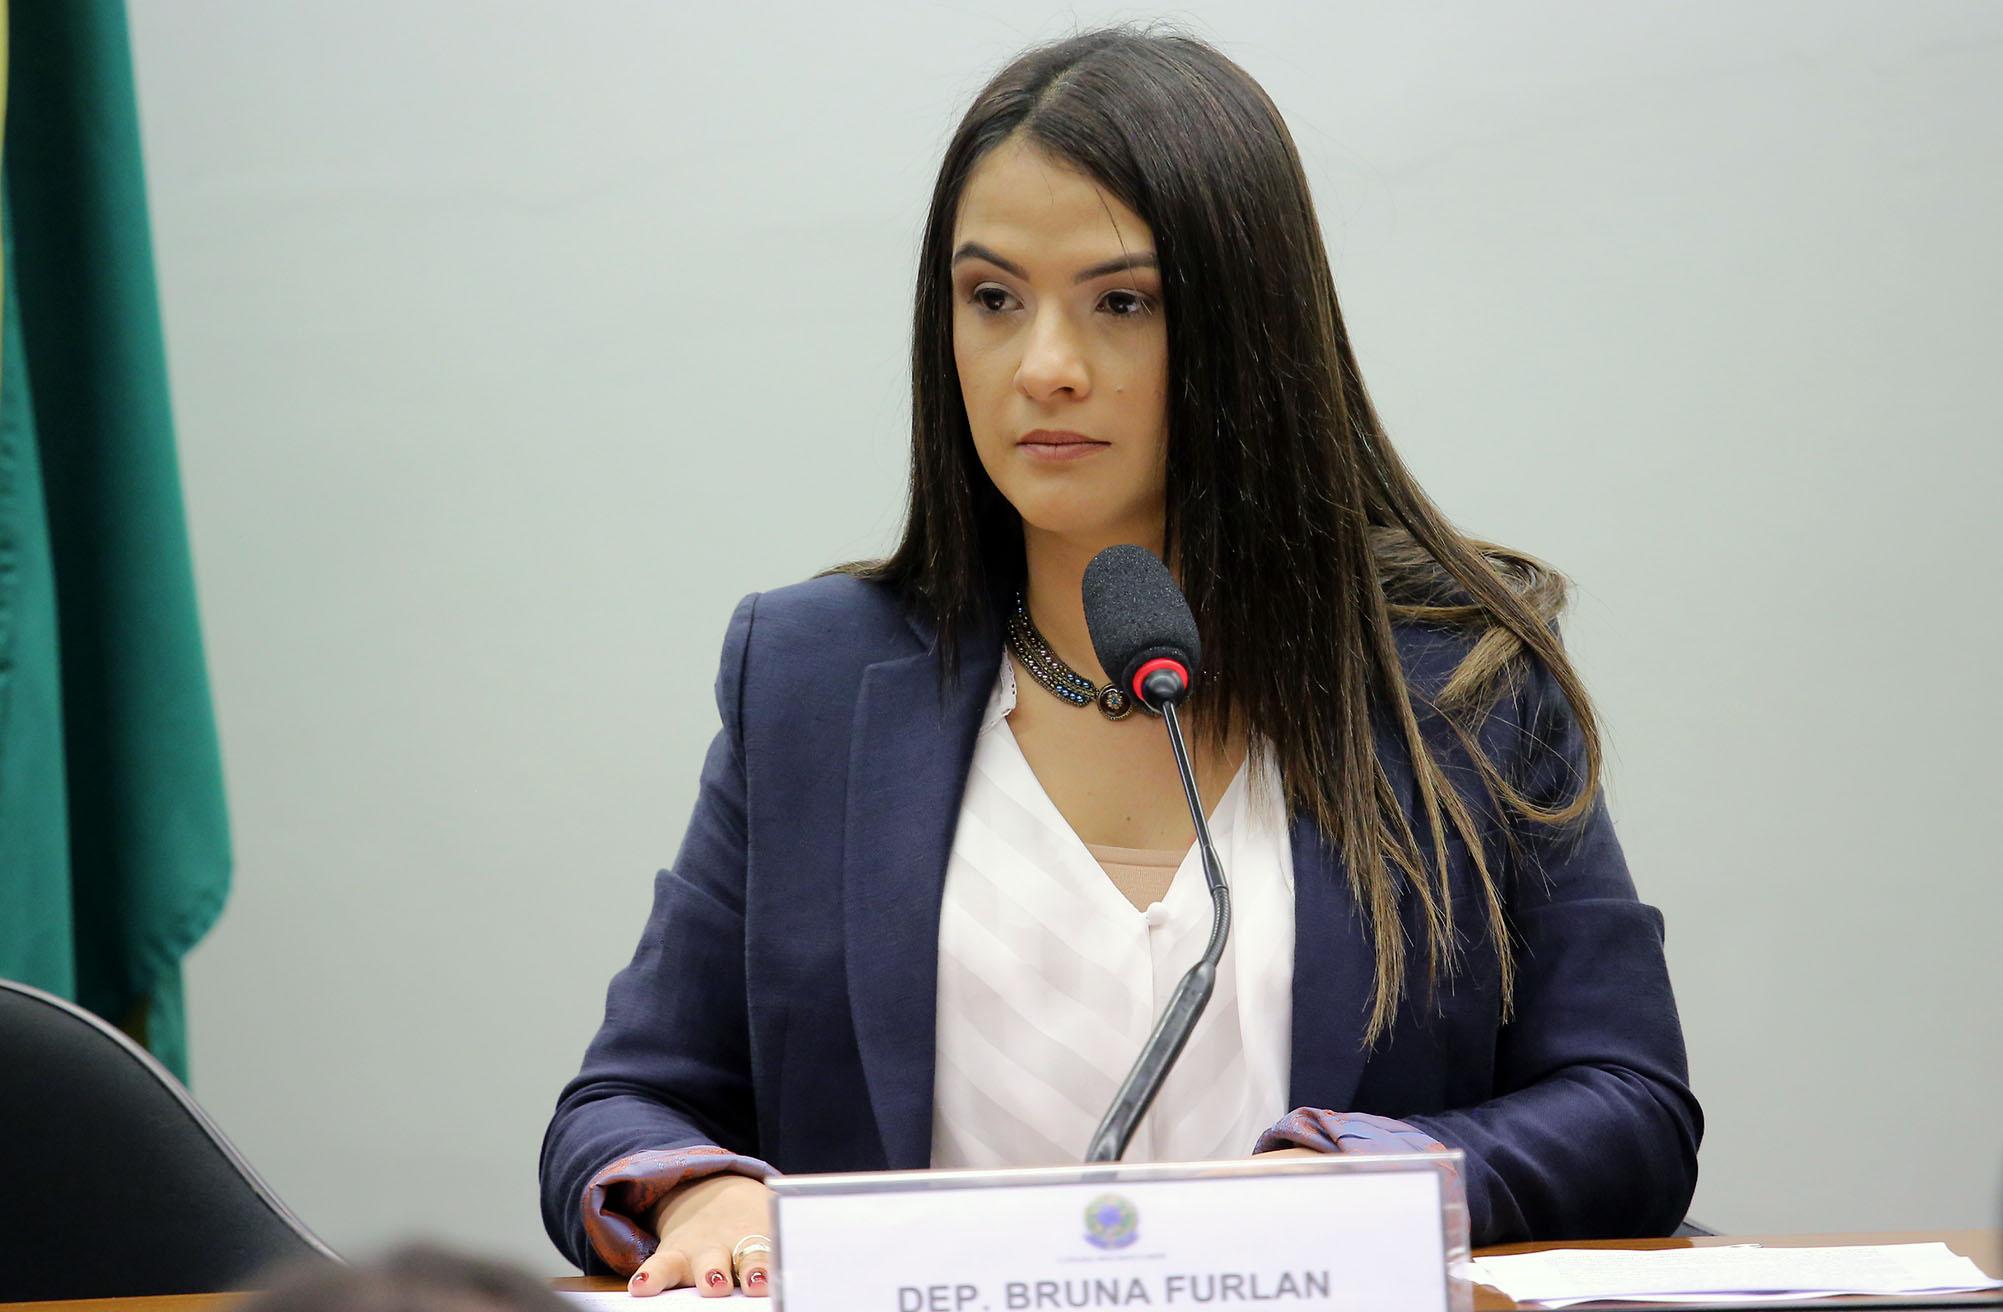 Audiência pública para discutir a situação dos familiares e amigos das vítimas do voo da Chapecoense. Dep. Bruna Furlan (PSDB - SP)